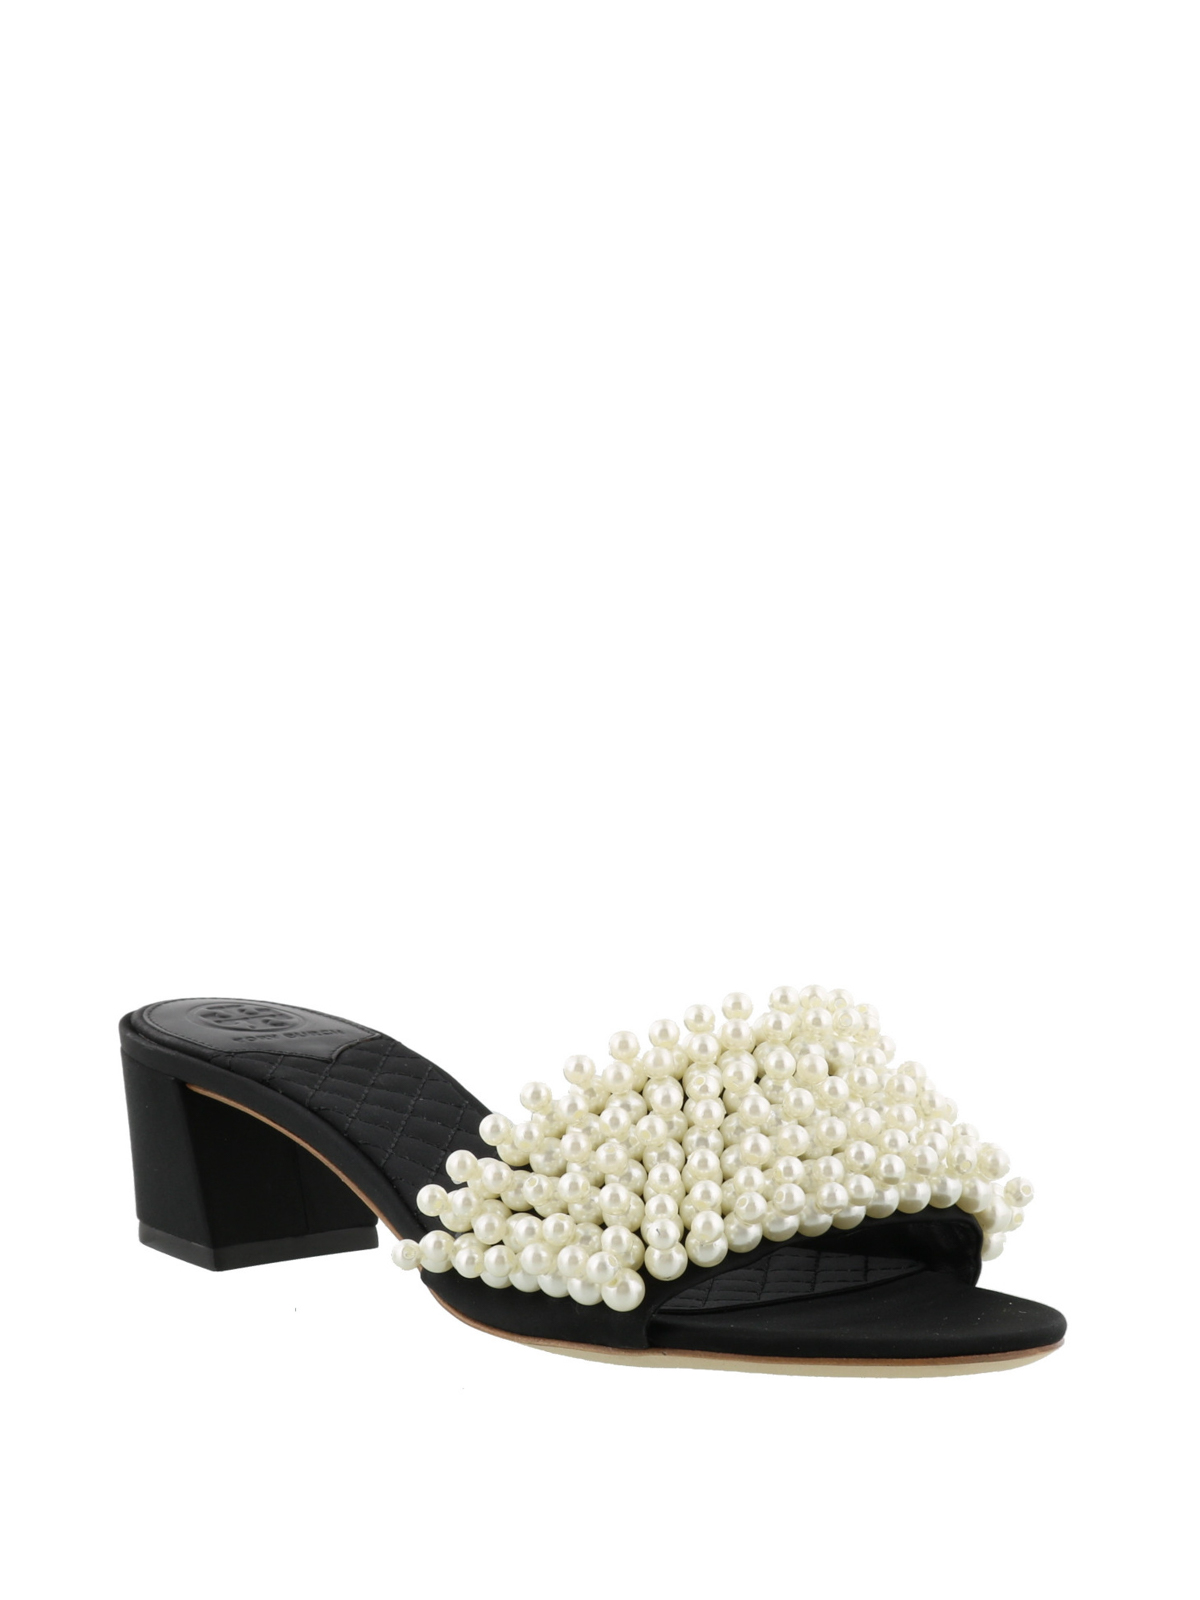 942a84788da Tory Burch - Tatiana black slide sandals - sandals - 46044 001 ...